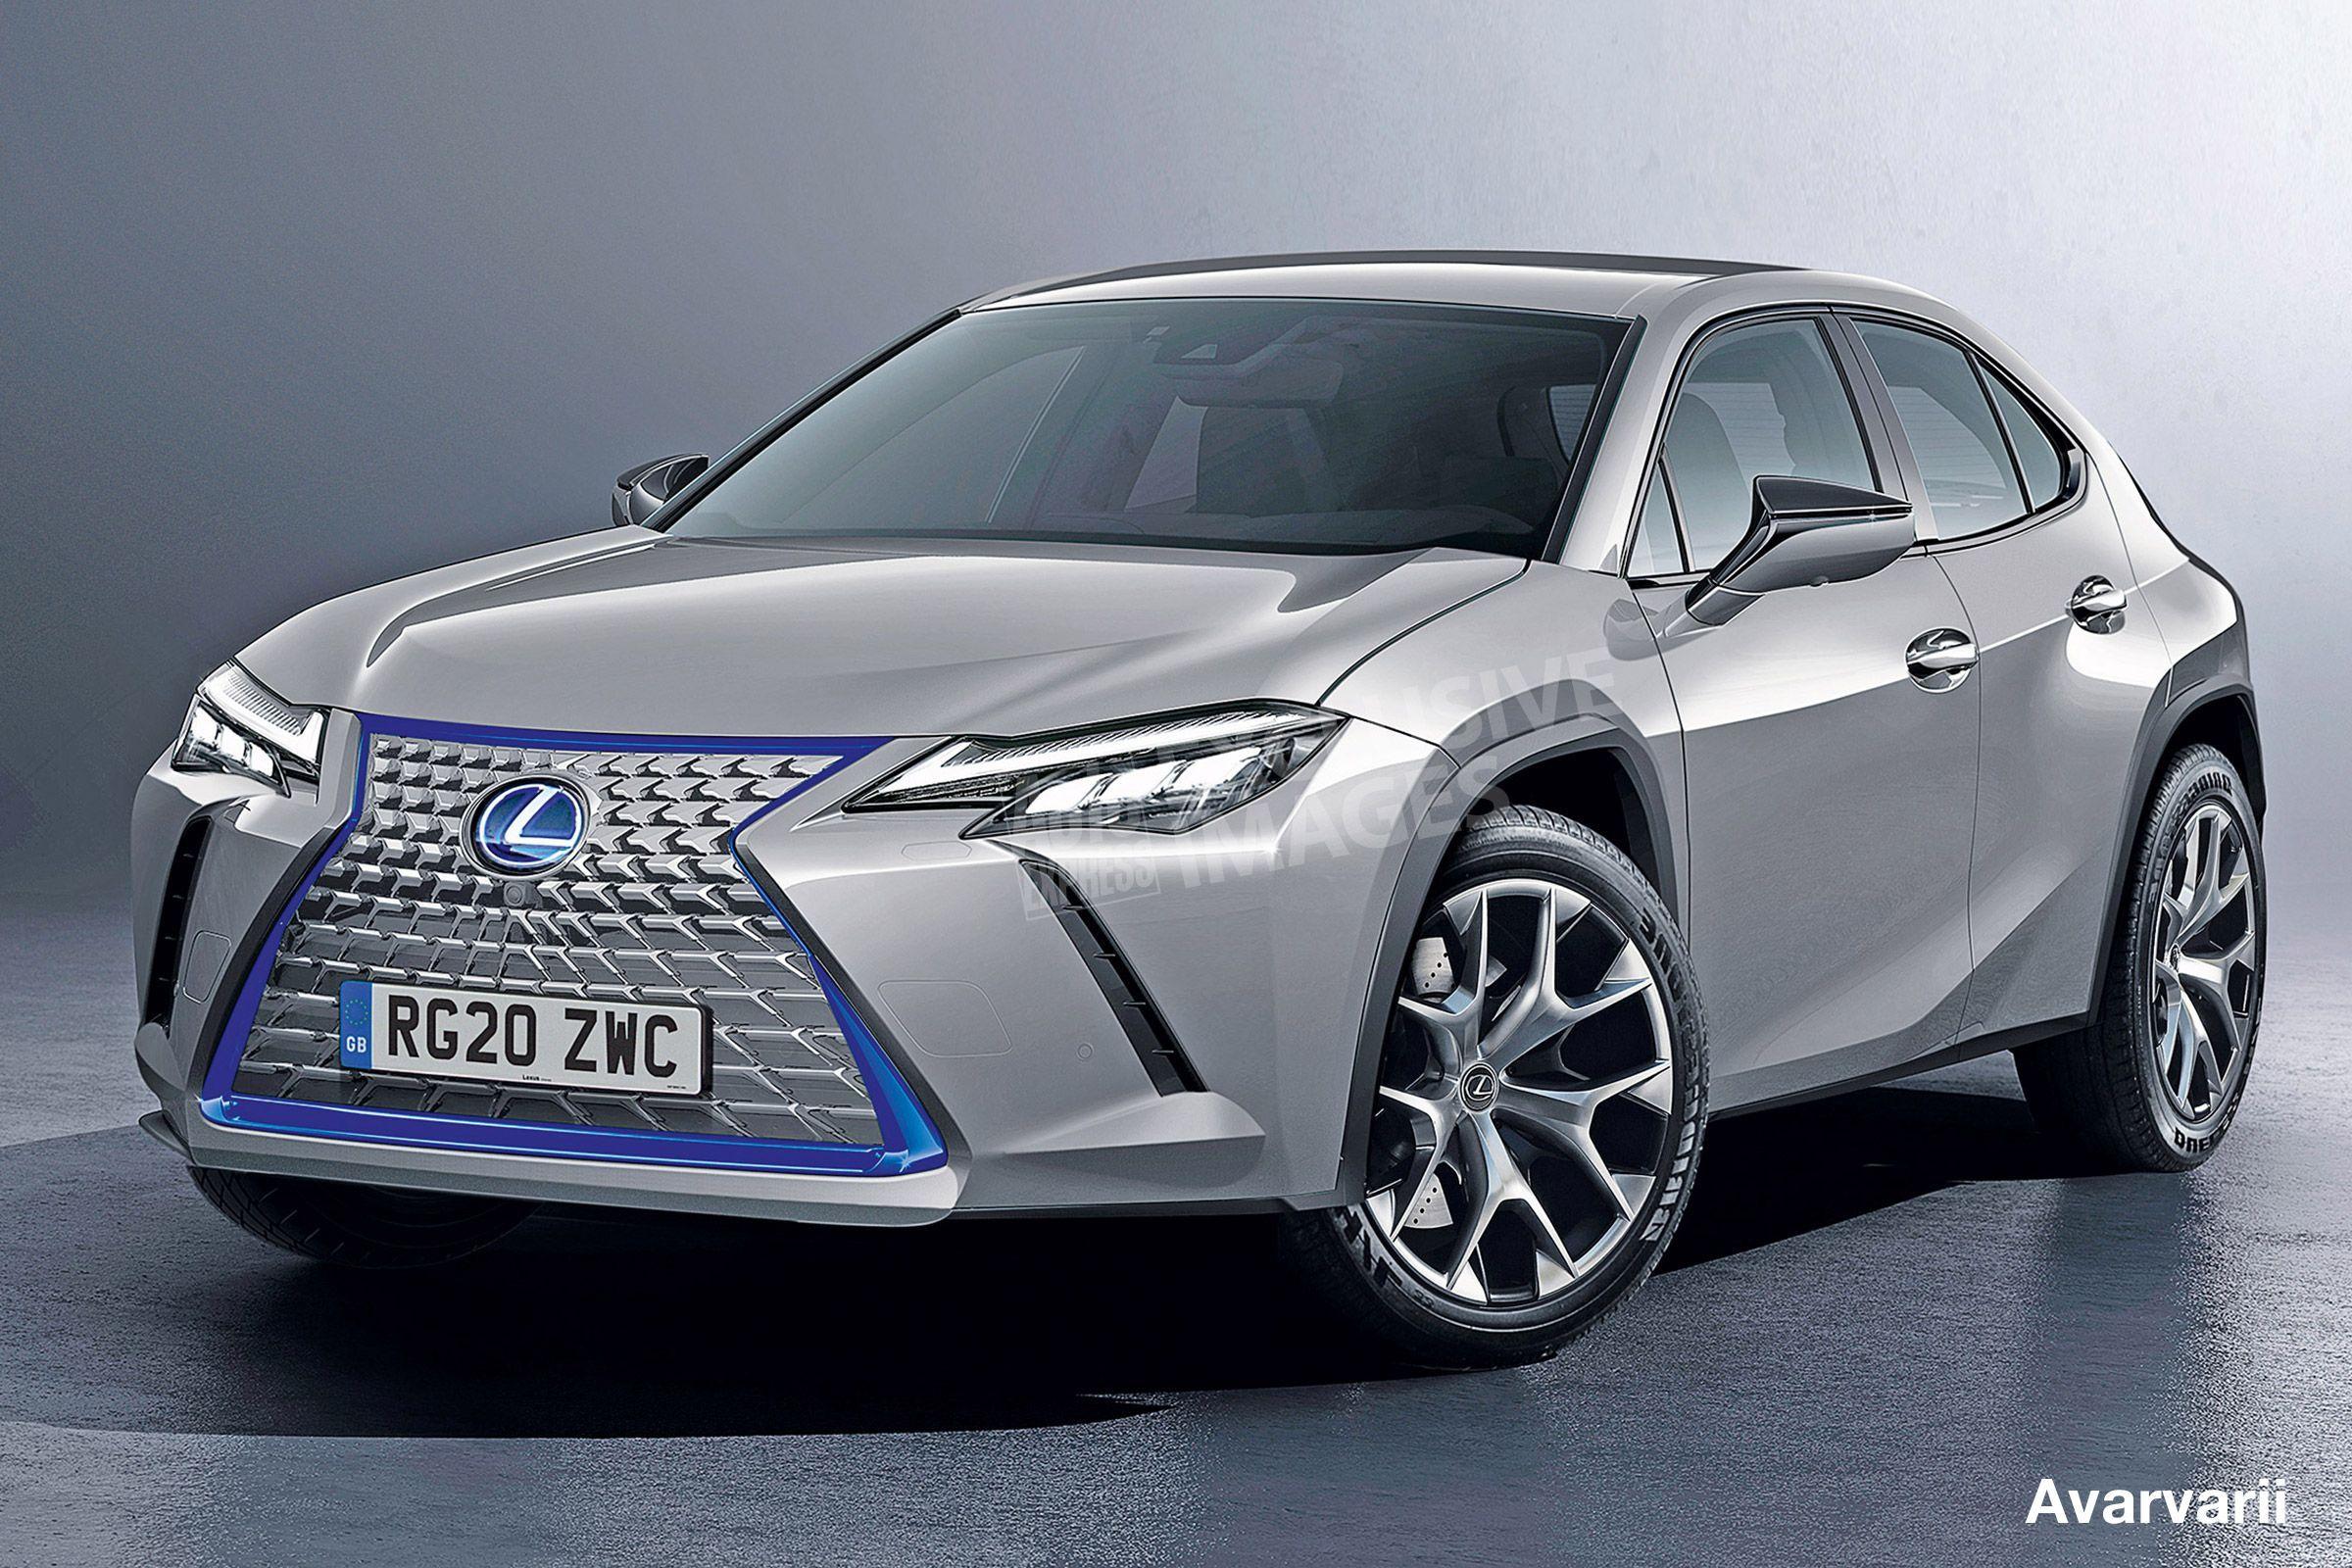 Lexus Hatchback 2020 Price And Review Lexus Models New Lexus Lexus